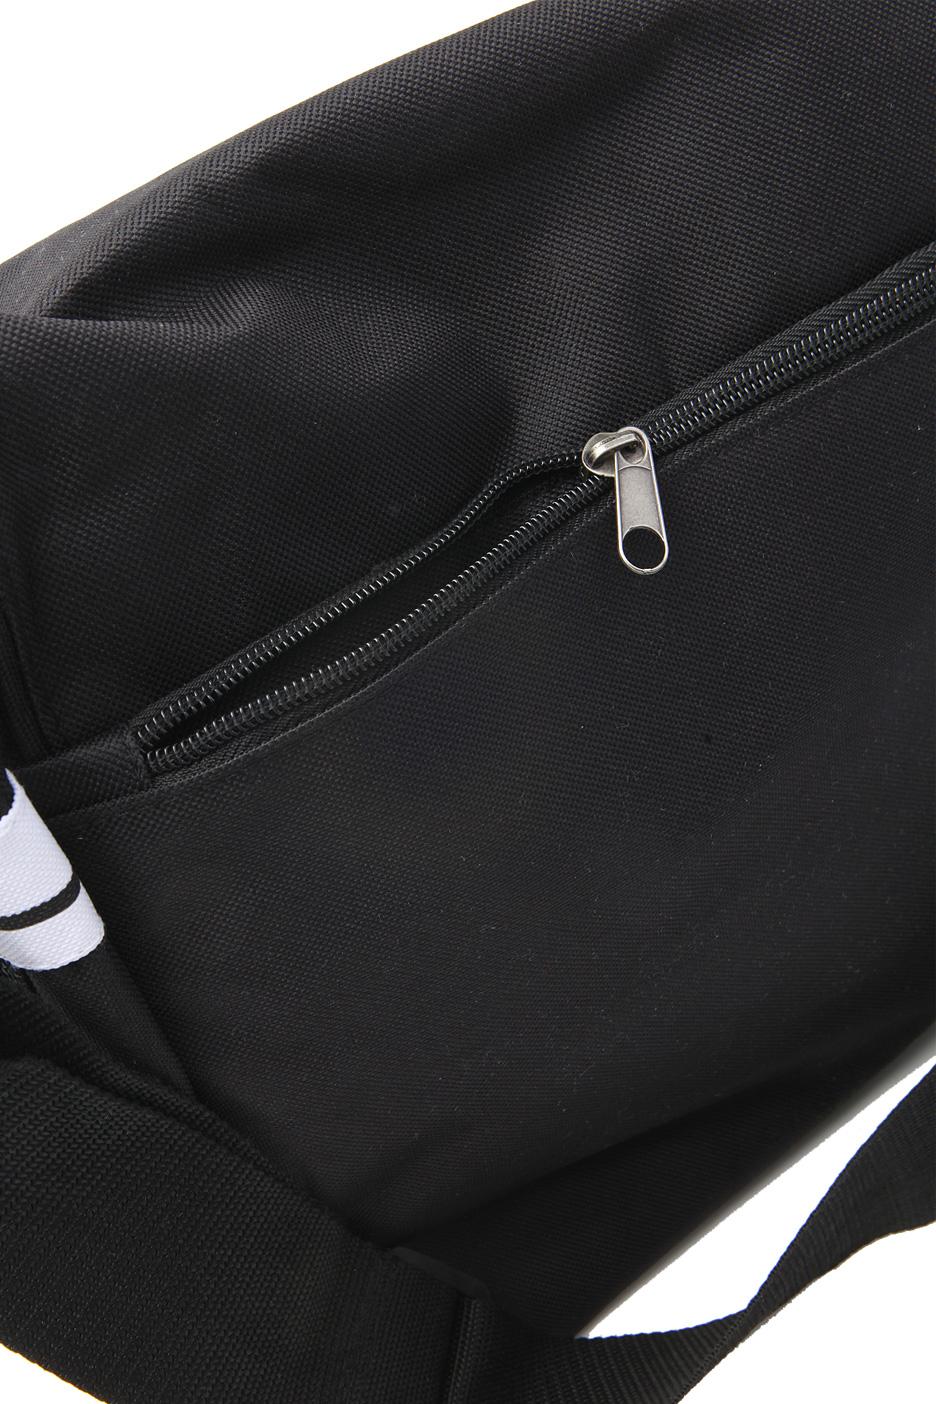 Converse - CT Shoulder Flap - Bag - Impericon.com UK 76e54260c1